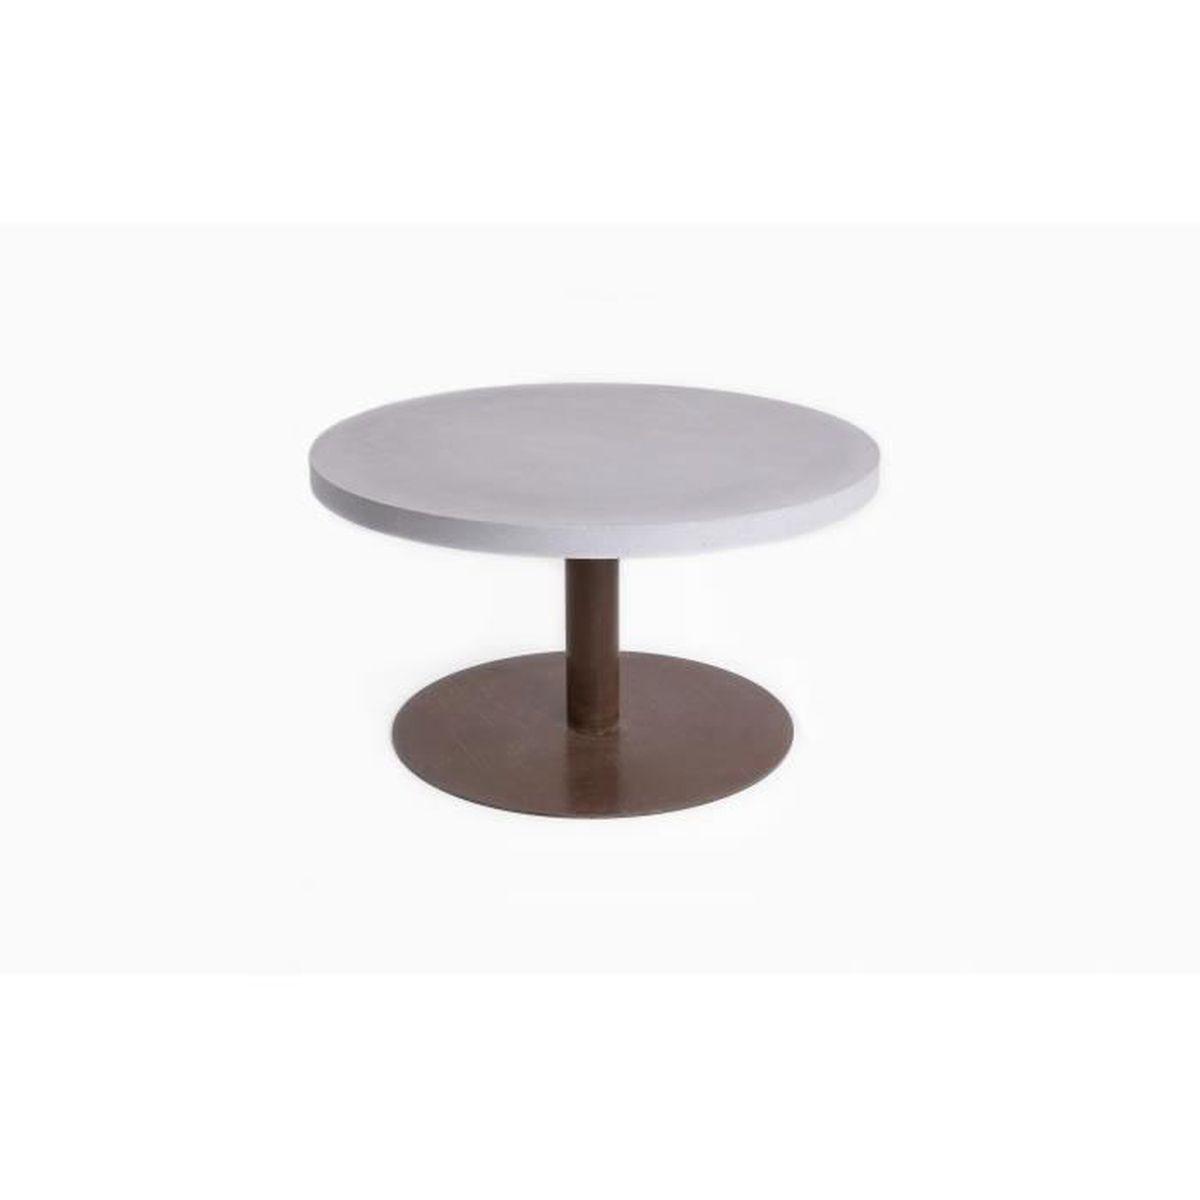 Table de lounge forme ronde achat vente table basse table de lounge forme - Table ronde cdiscount ...